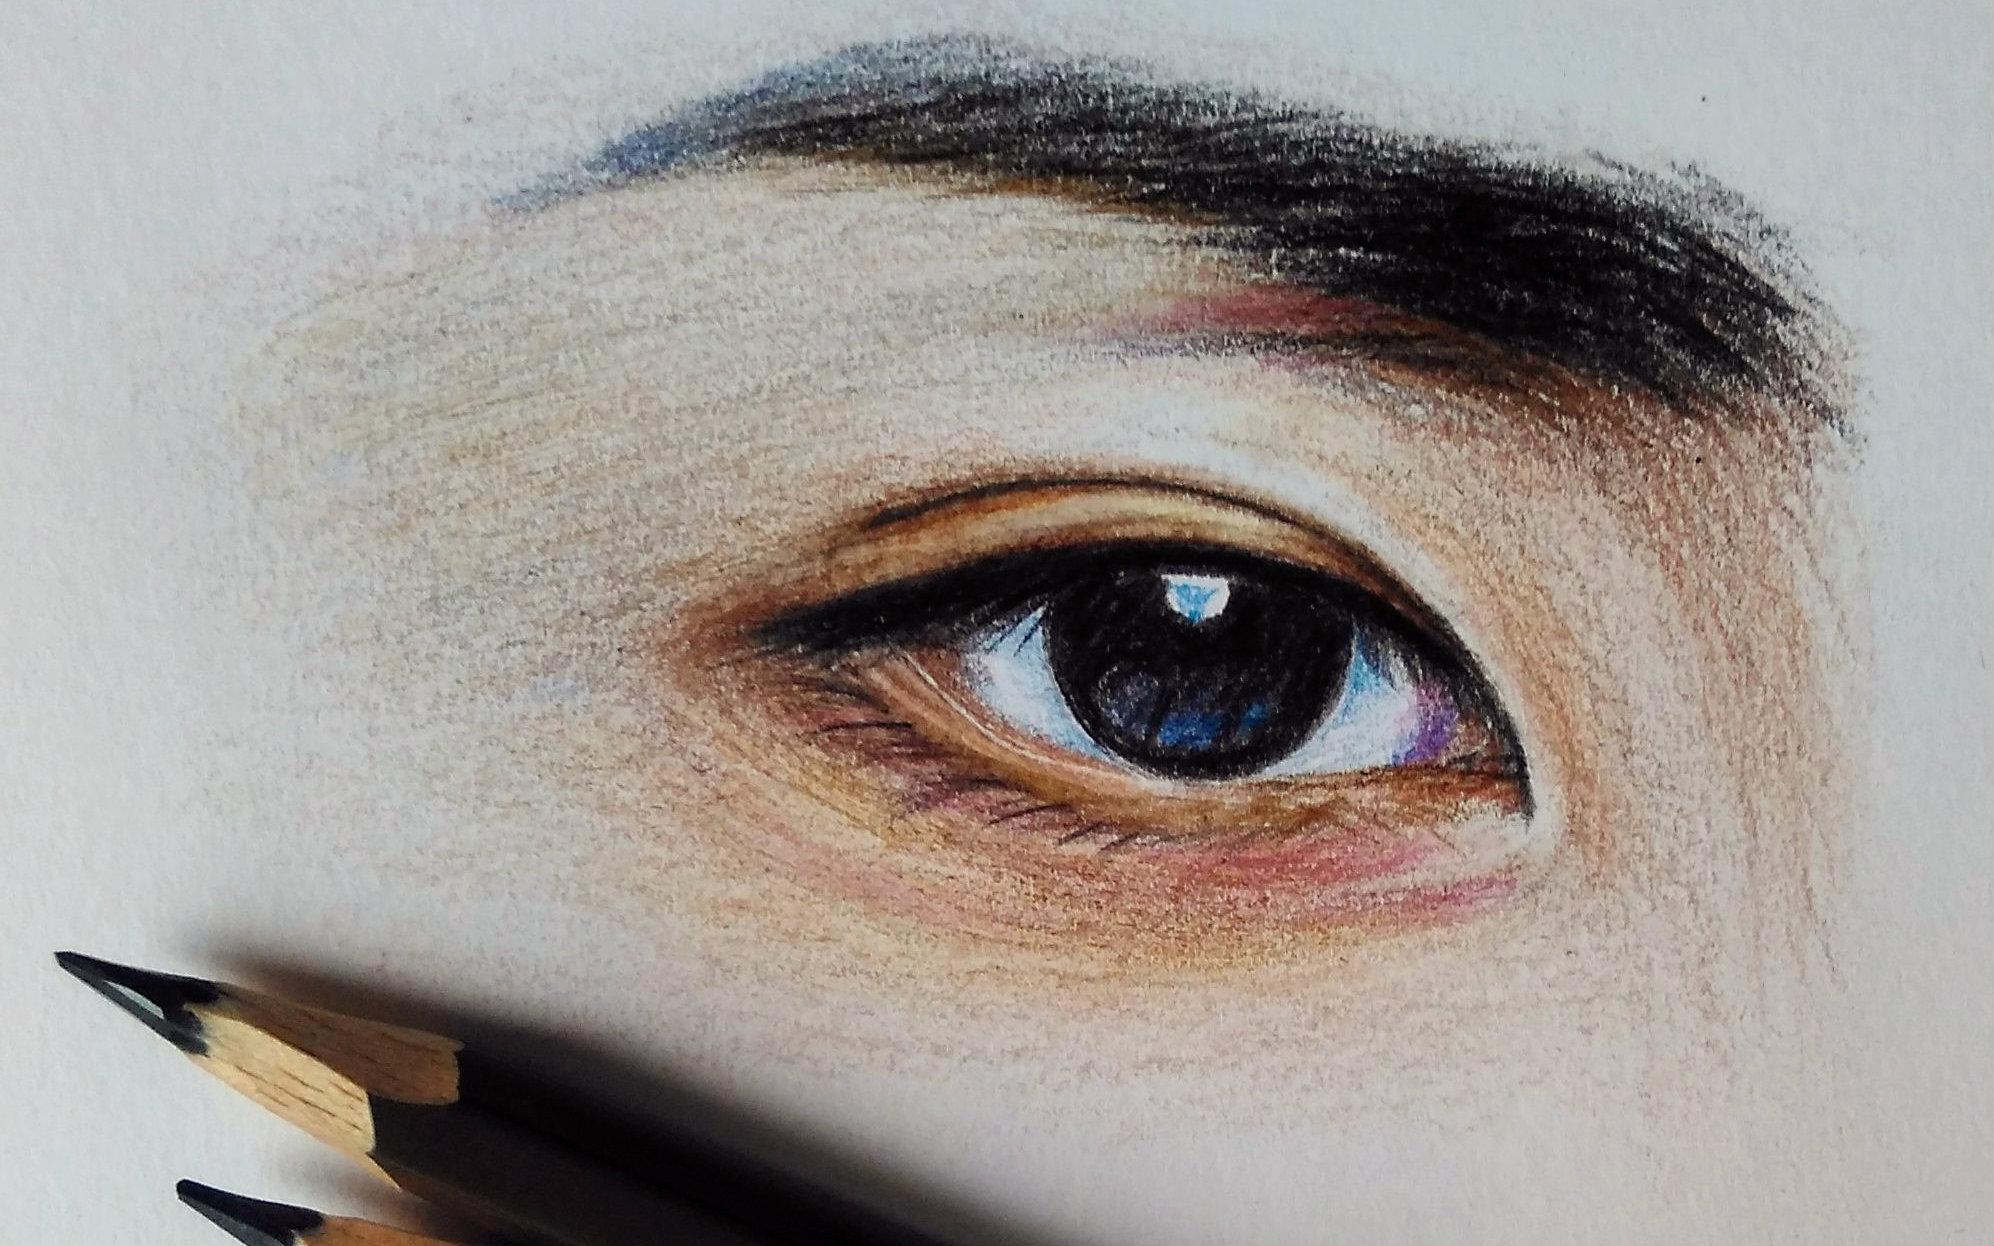 【手绘彩铅】大野智眼睛部分—伪教程